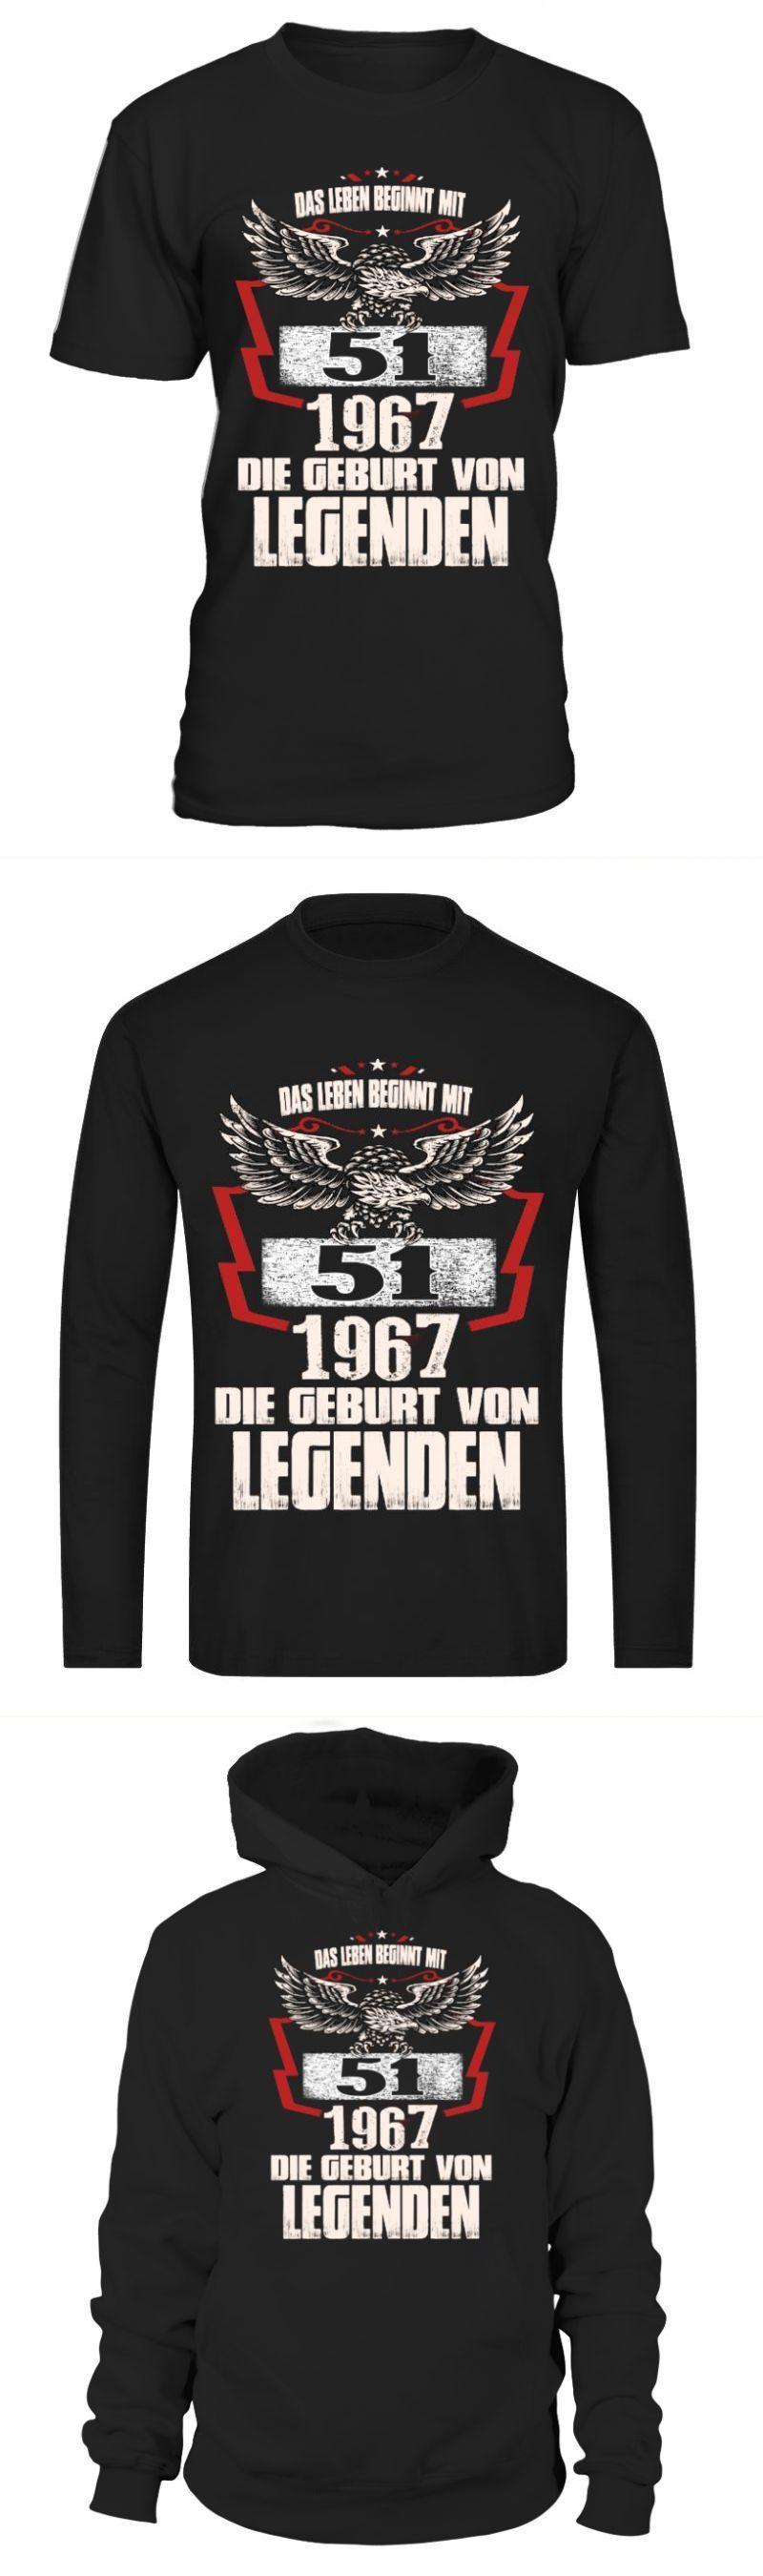 New year tshirt design 1967 51 die geburt von legenden